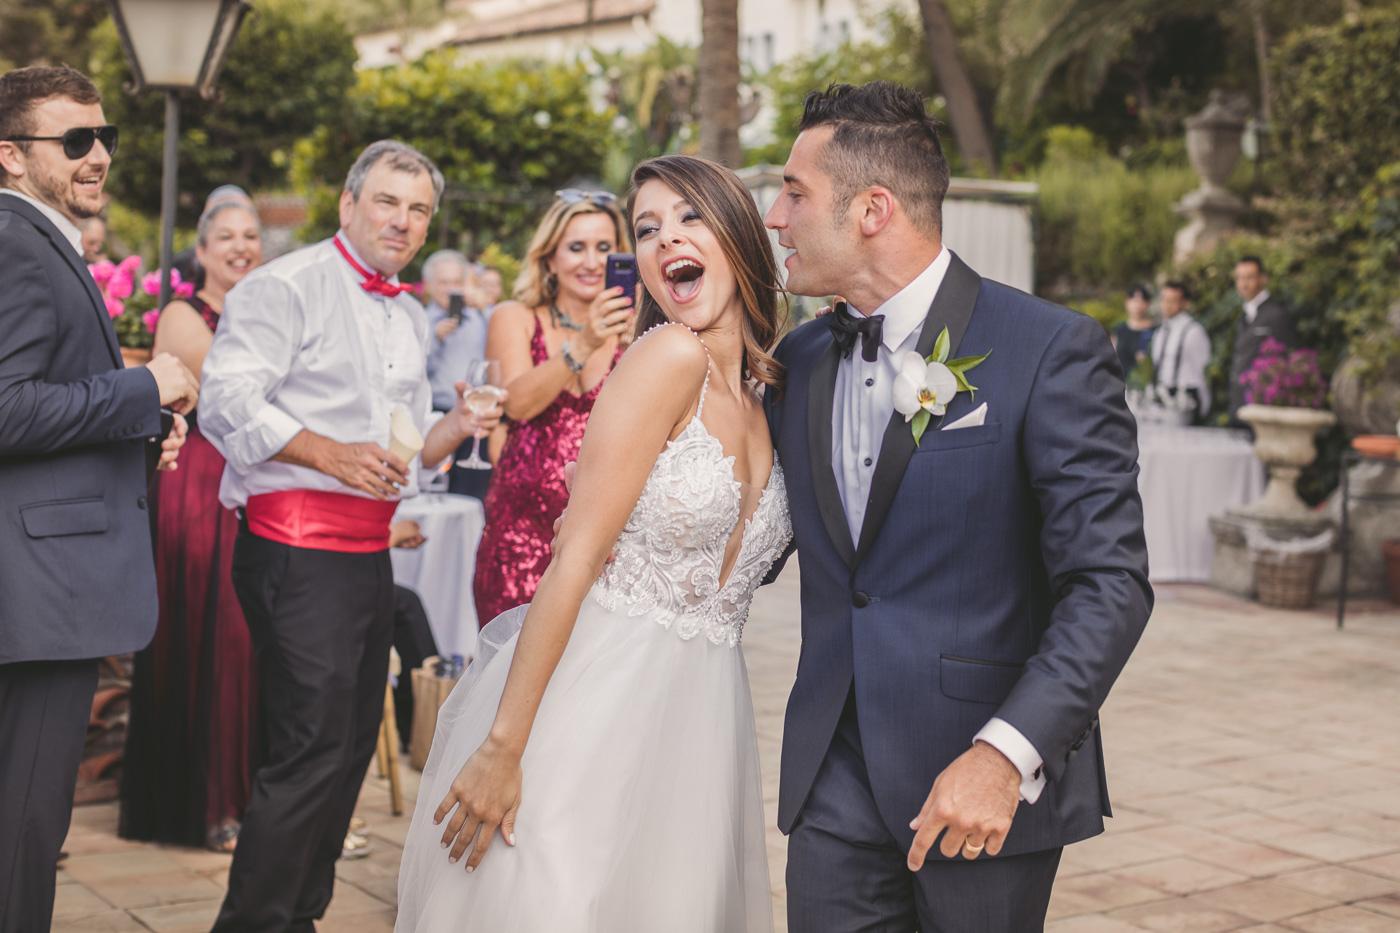 Matrimonio-ebraico-Taormina-fotografo-bravo